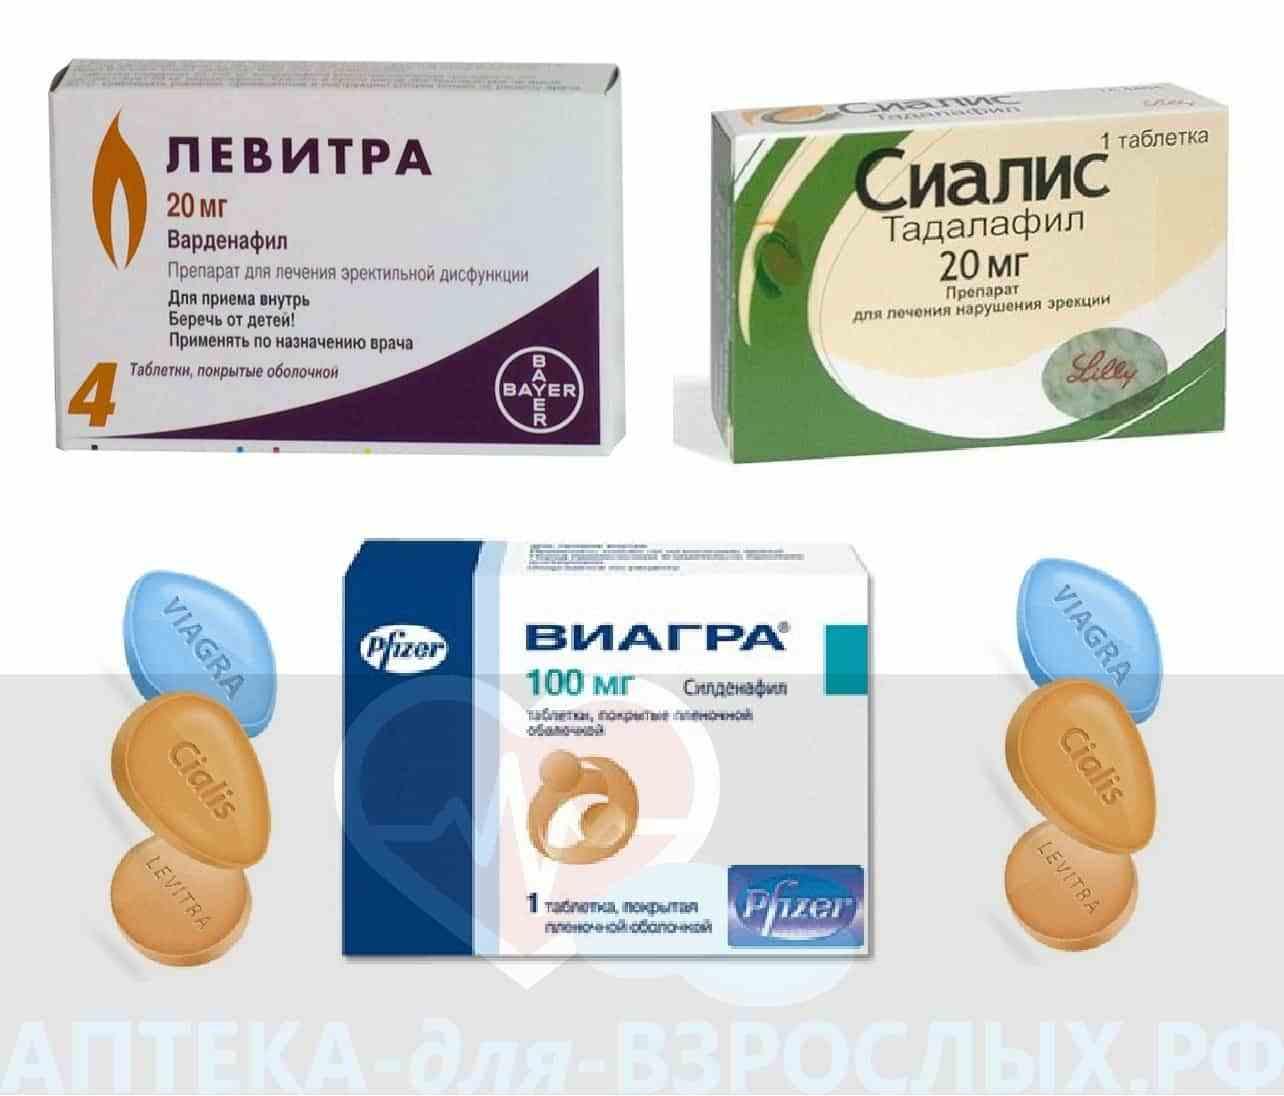 Фото препаратов для повышения потенции